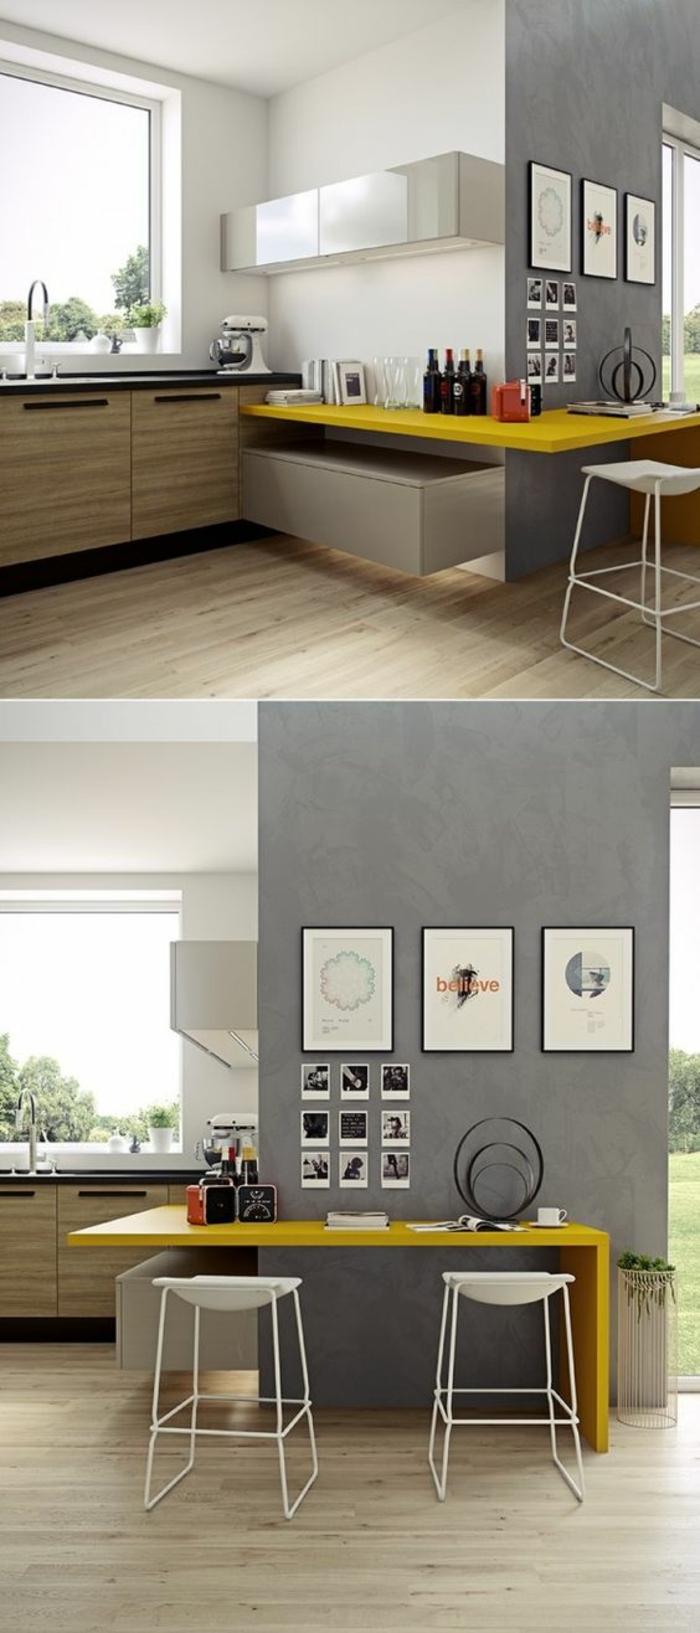 peinture gris perle, repeindre sa cuisine en gris, avec plan de travail en jaune, en forme de zig-zague, sol en beige